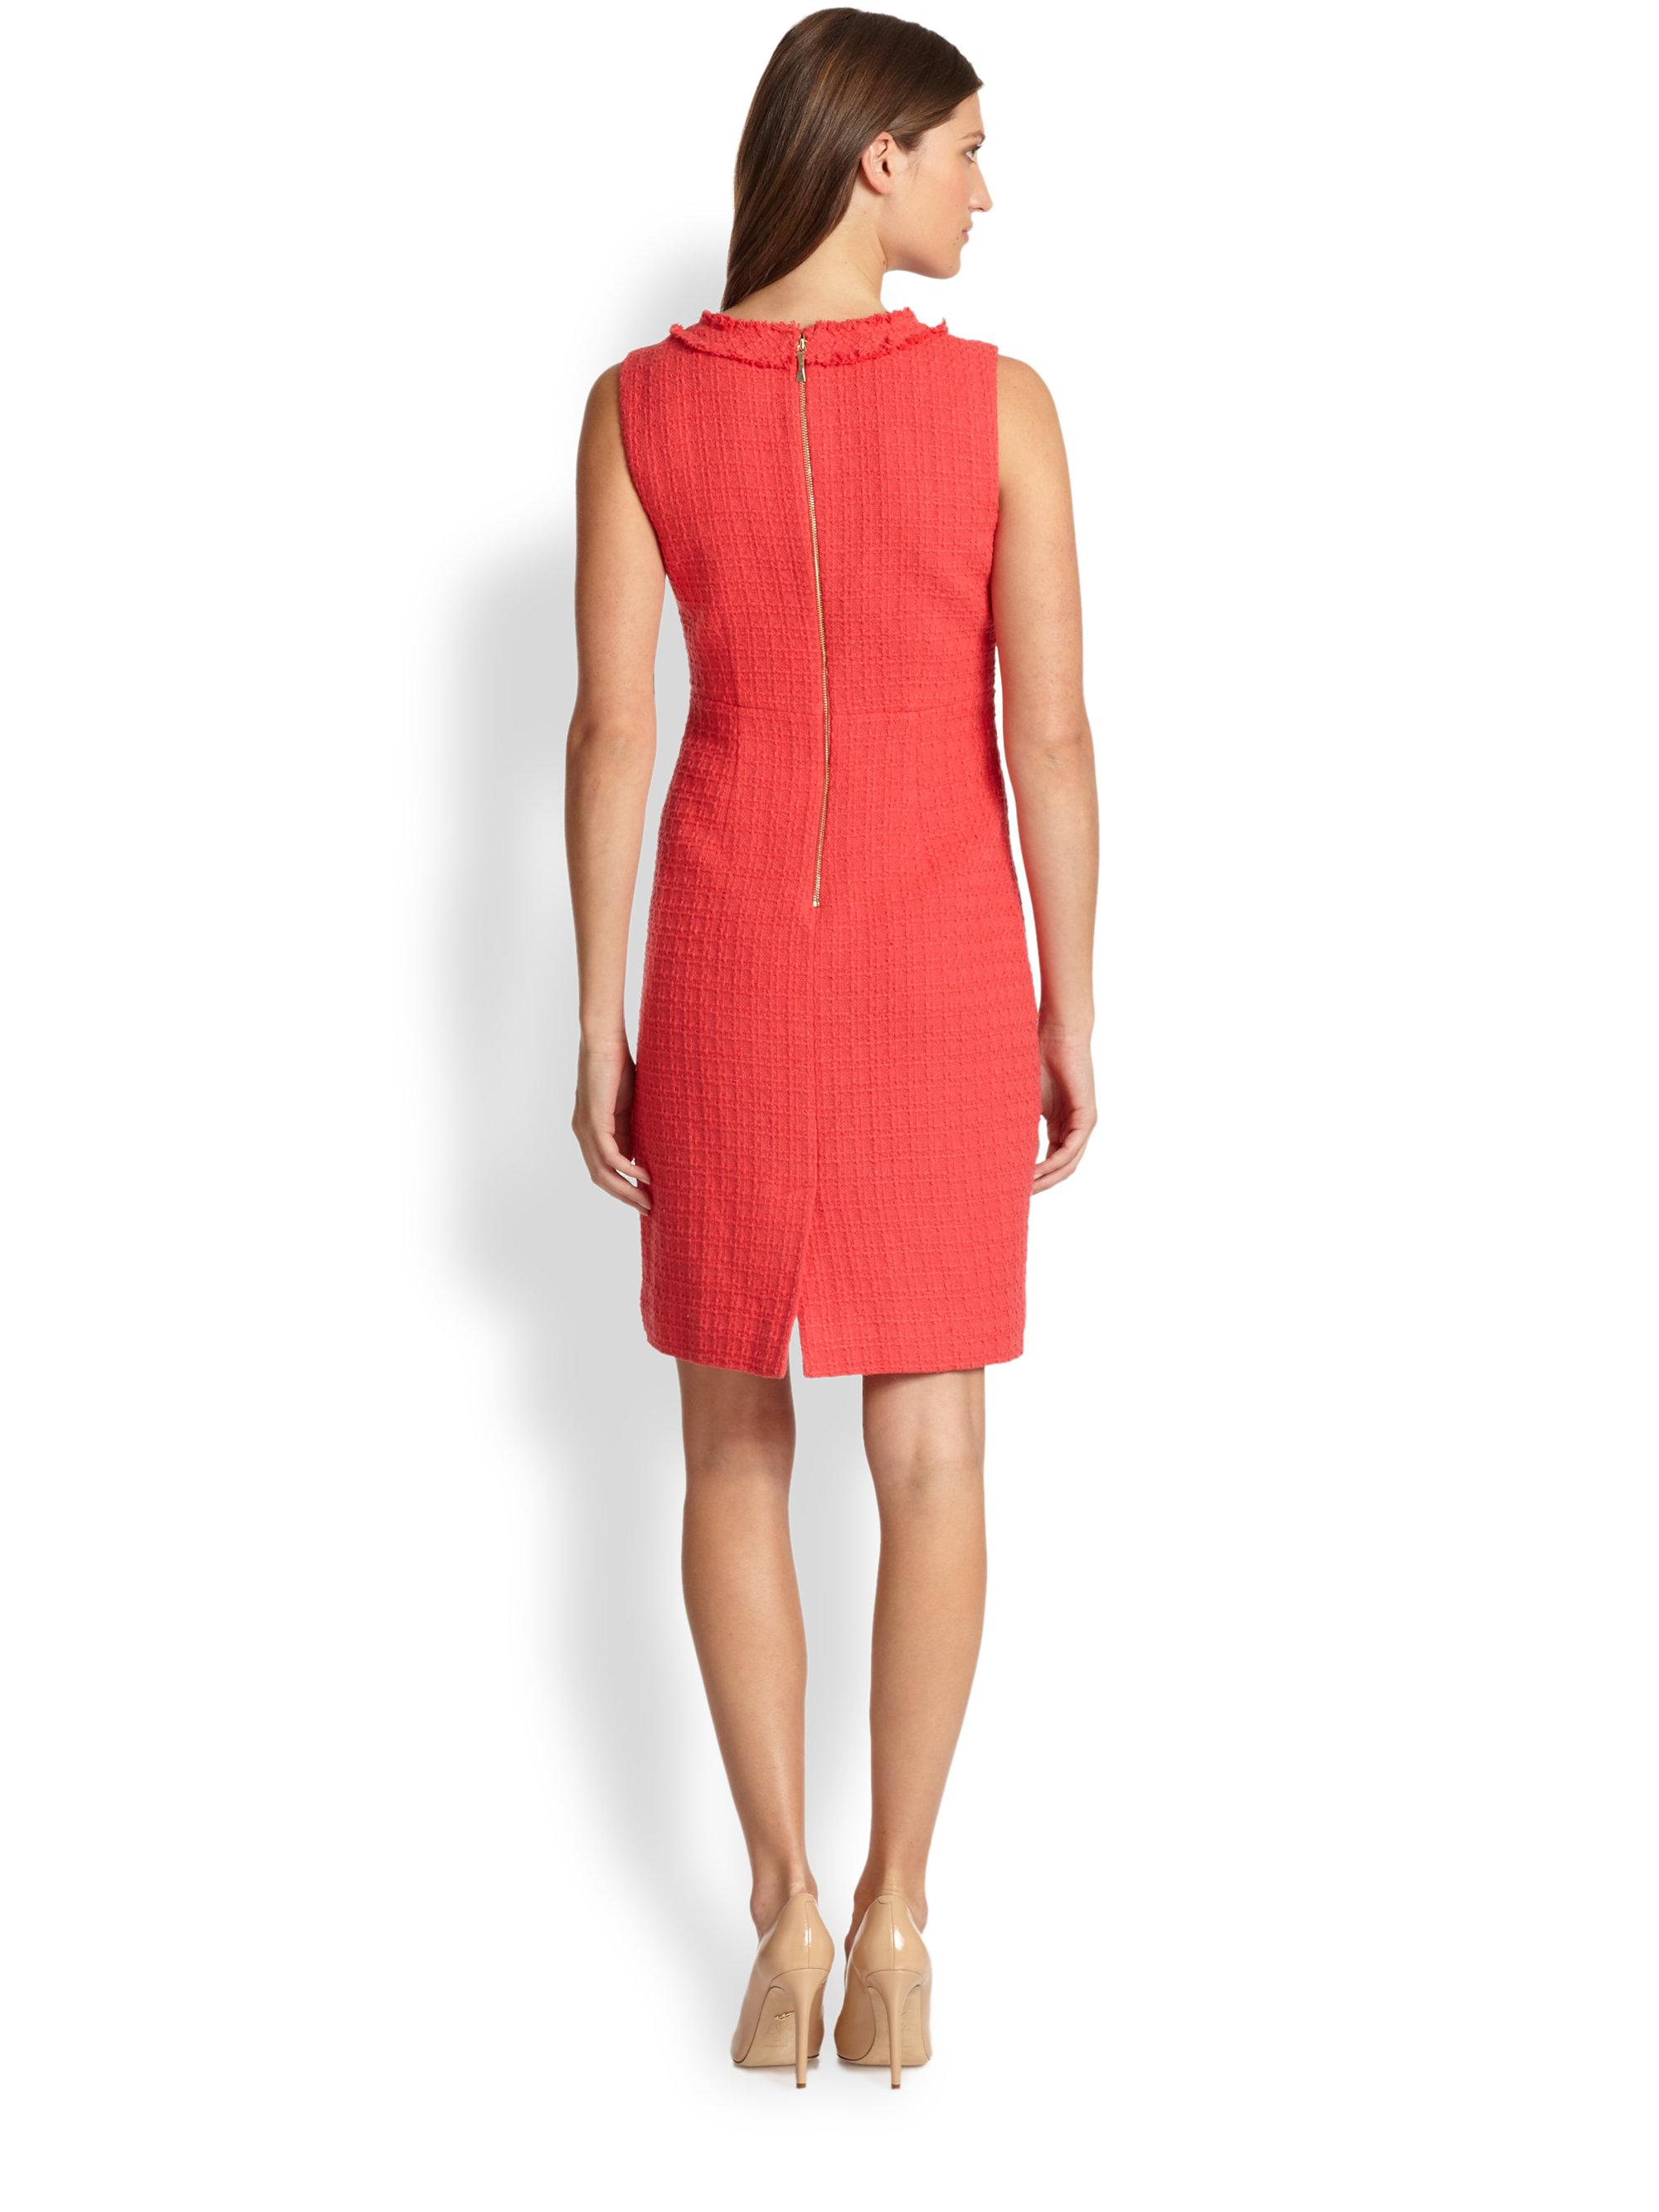 452201a9e4d Lyst - Kate Spade Terri Dress in Red